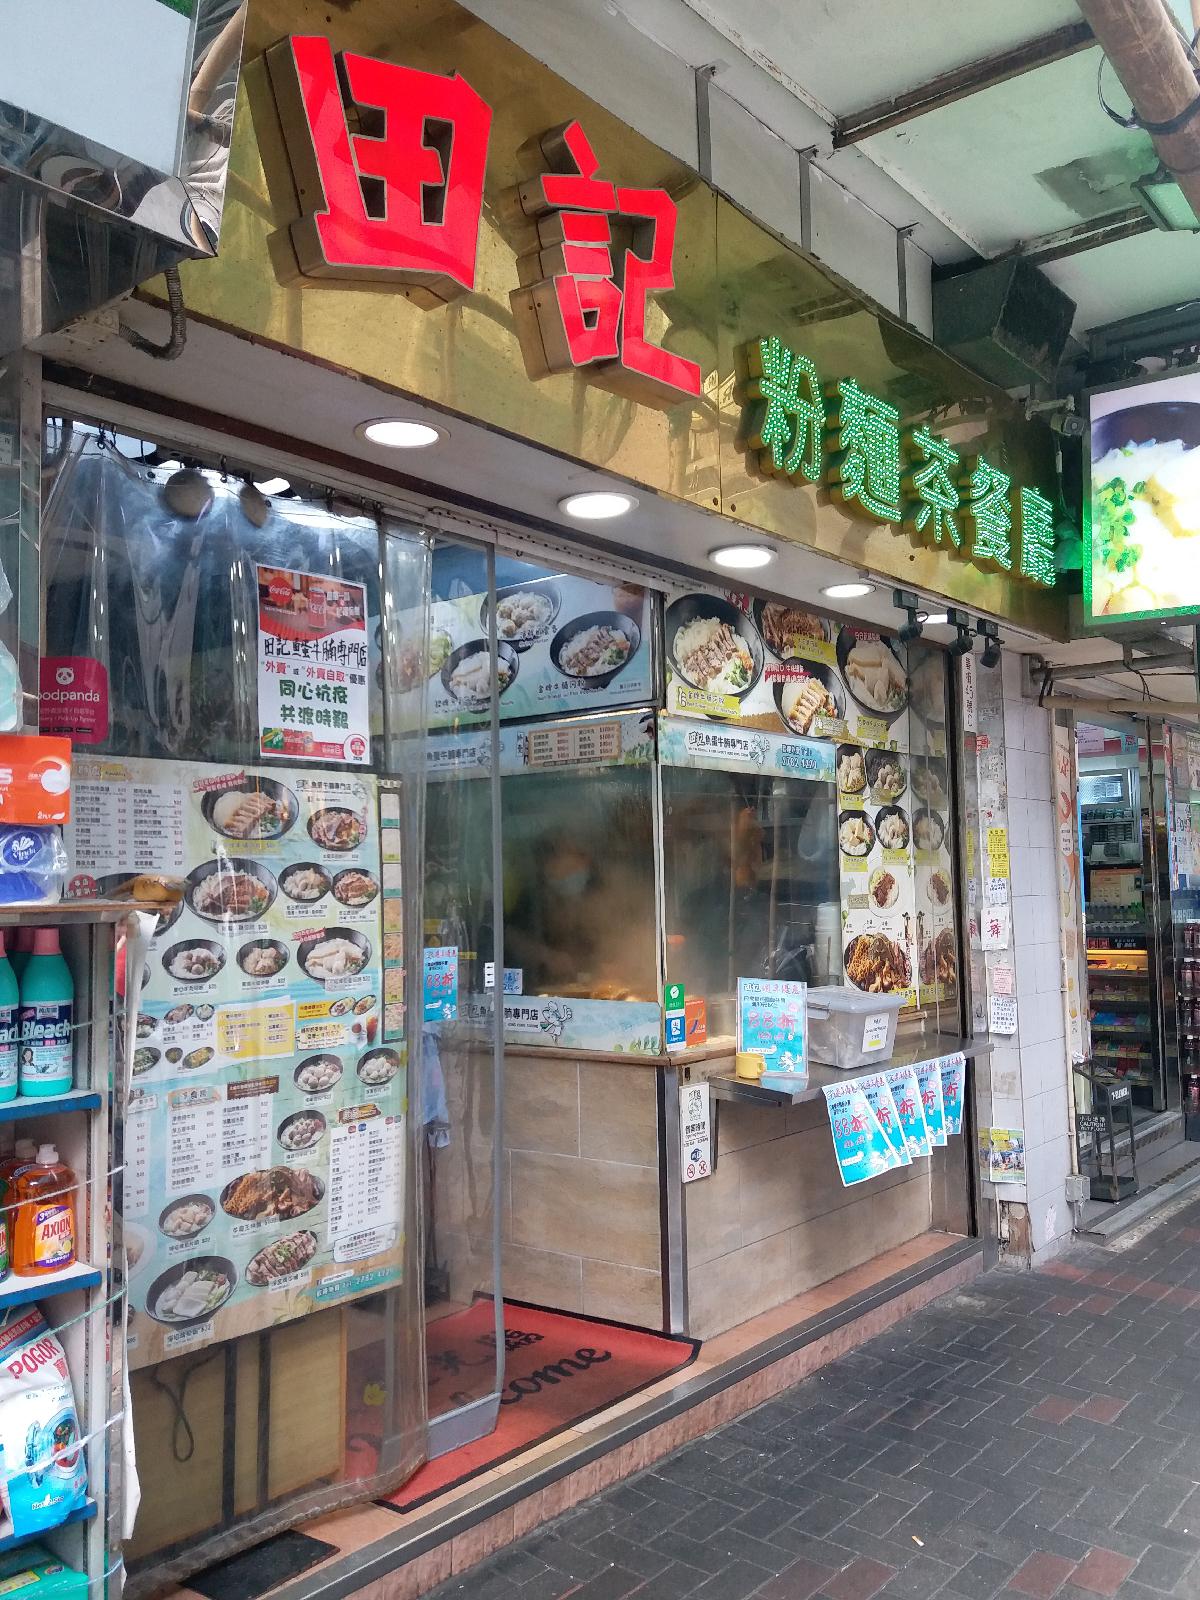 【♥ 田記魚蛋牛腩專門店 ♥】舊地重遊。牛氣十足